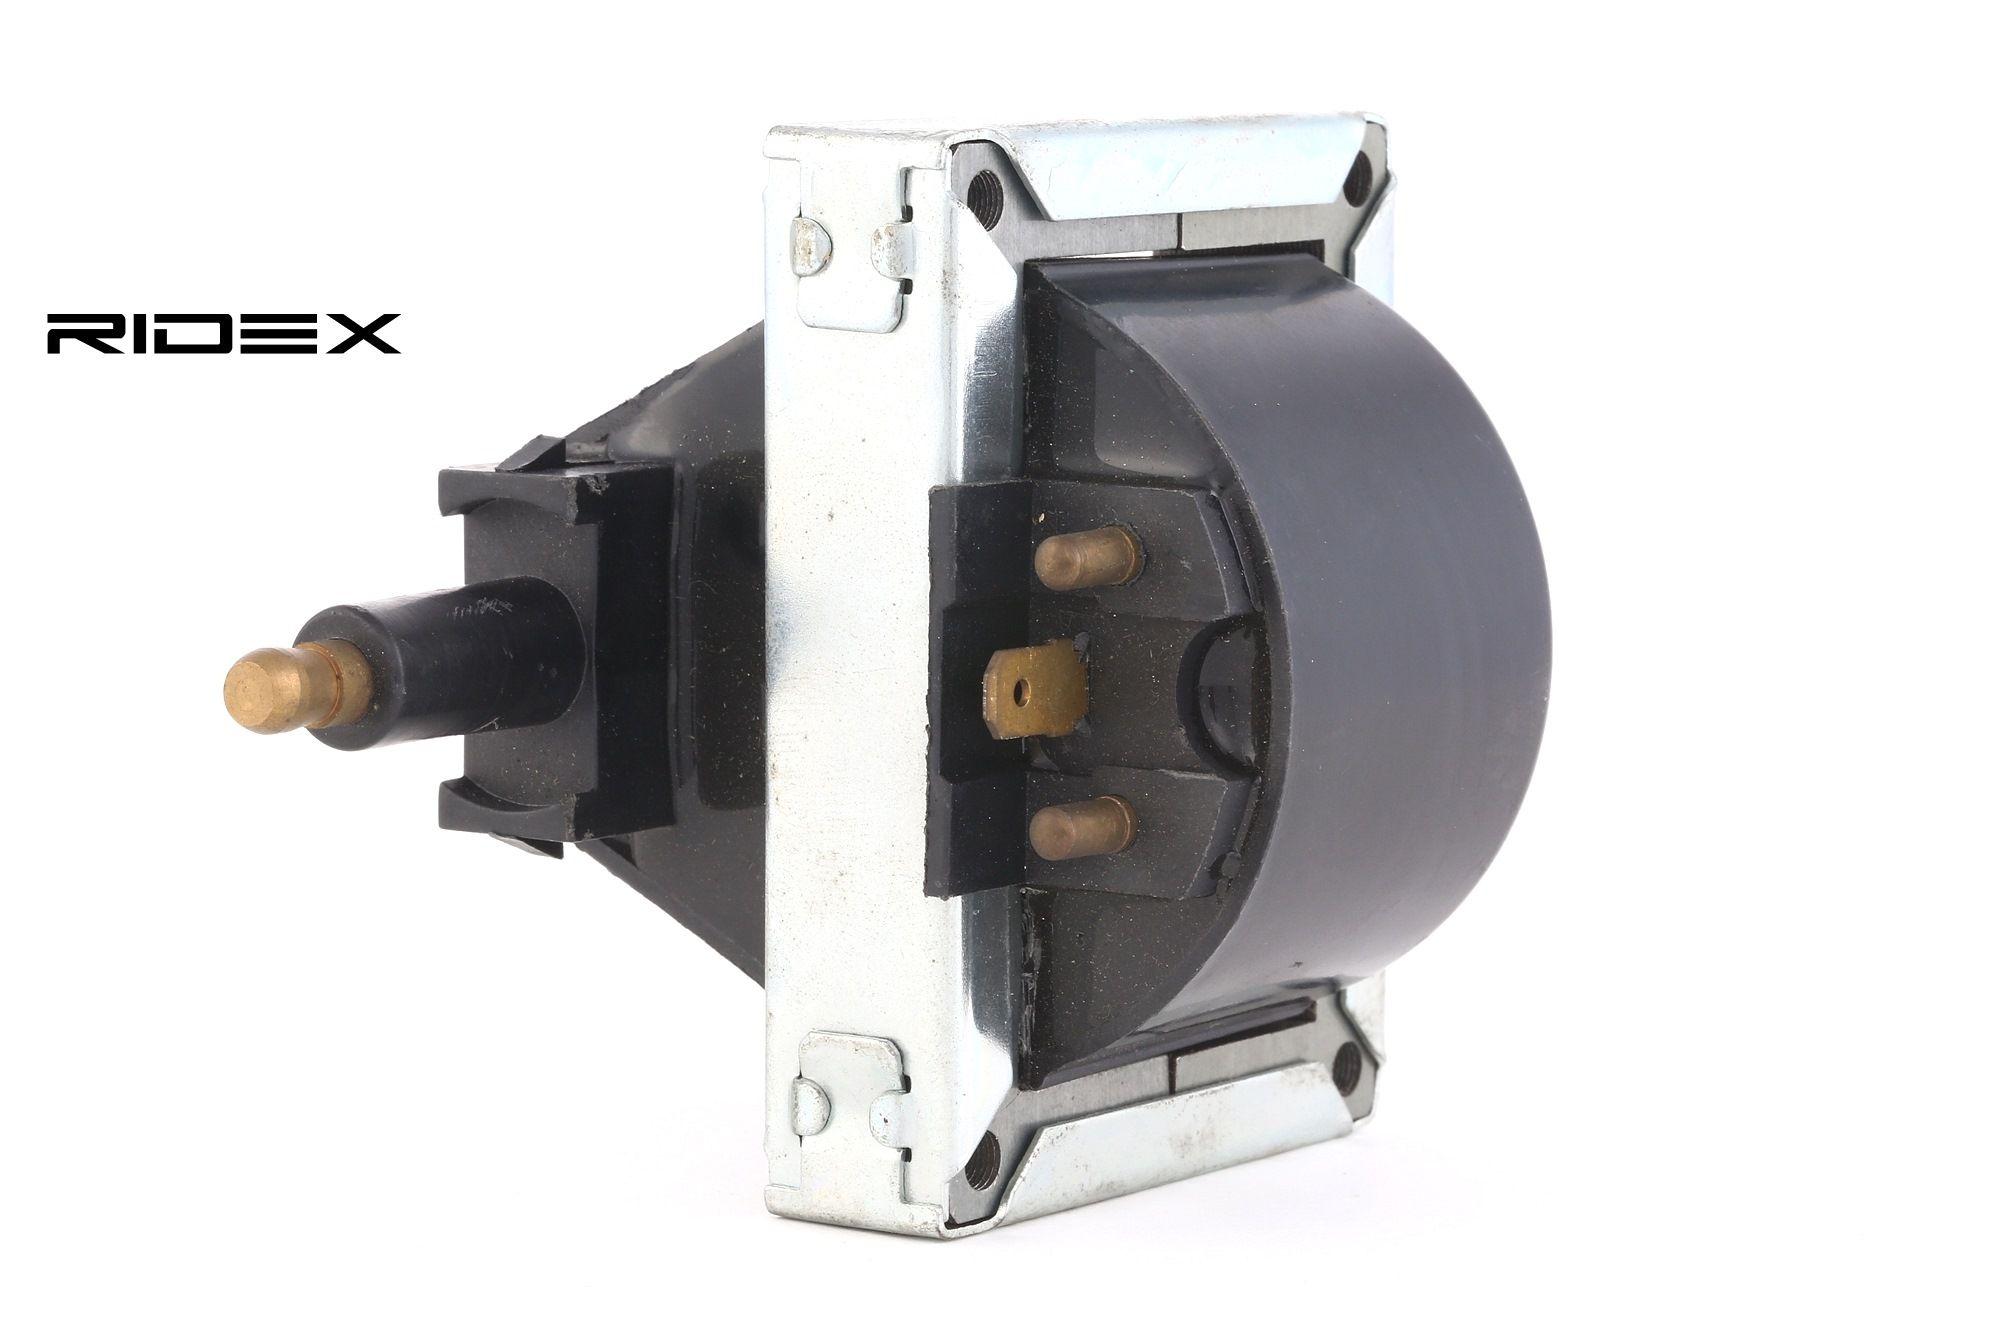 Bobine 689C0087 met een uitzonderlijke RIDEX prijs-prestatieverhouding